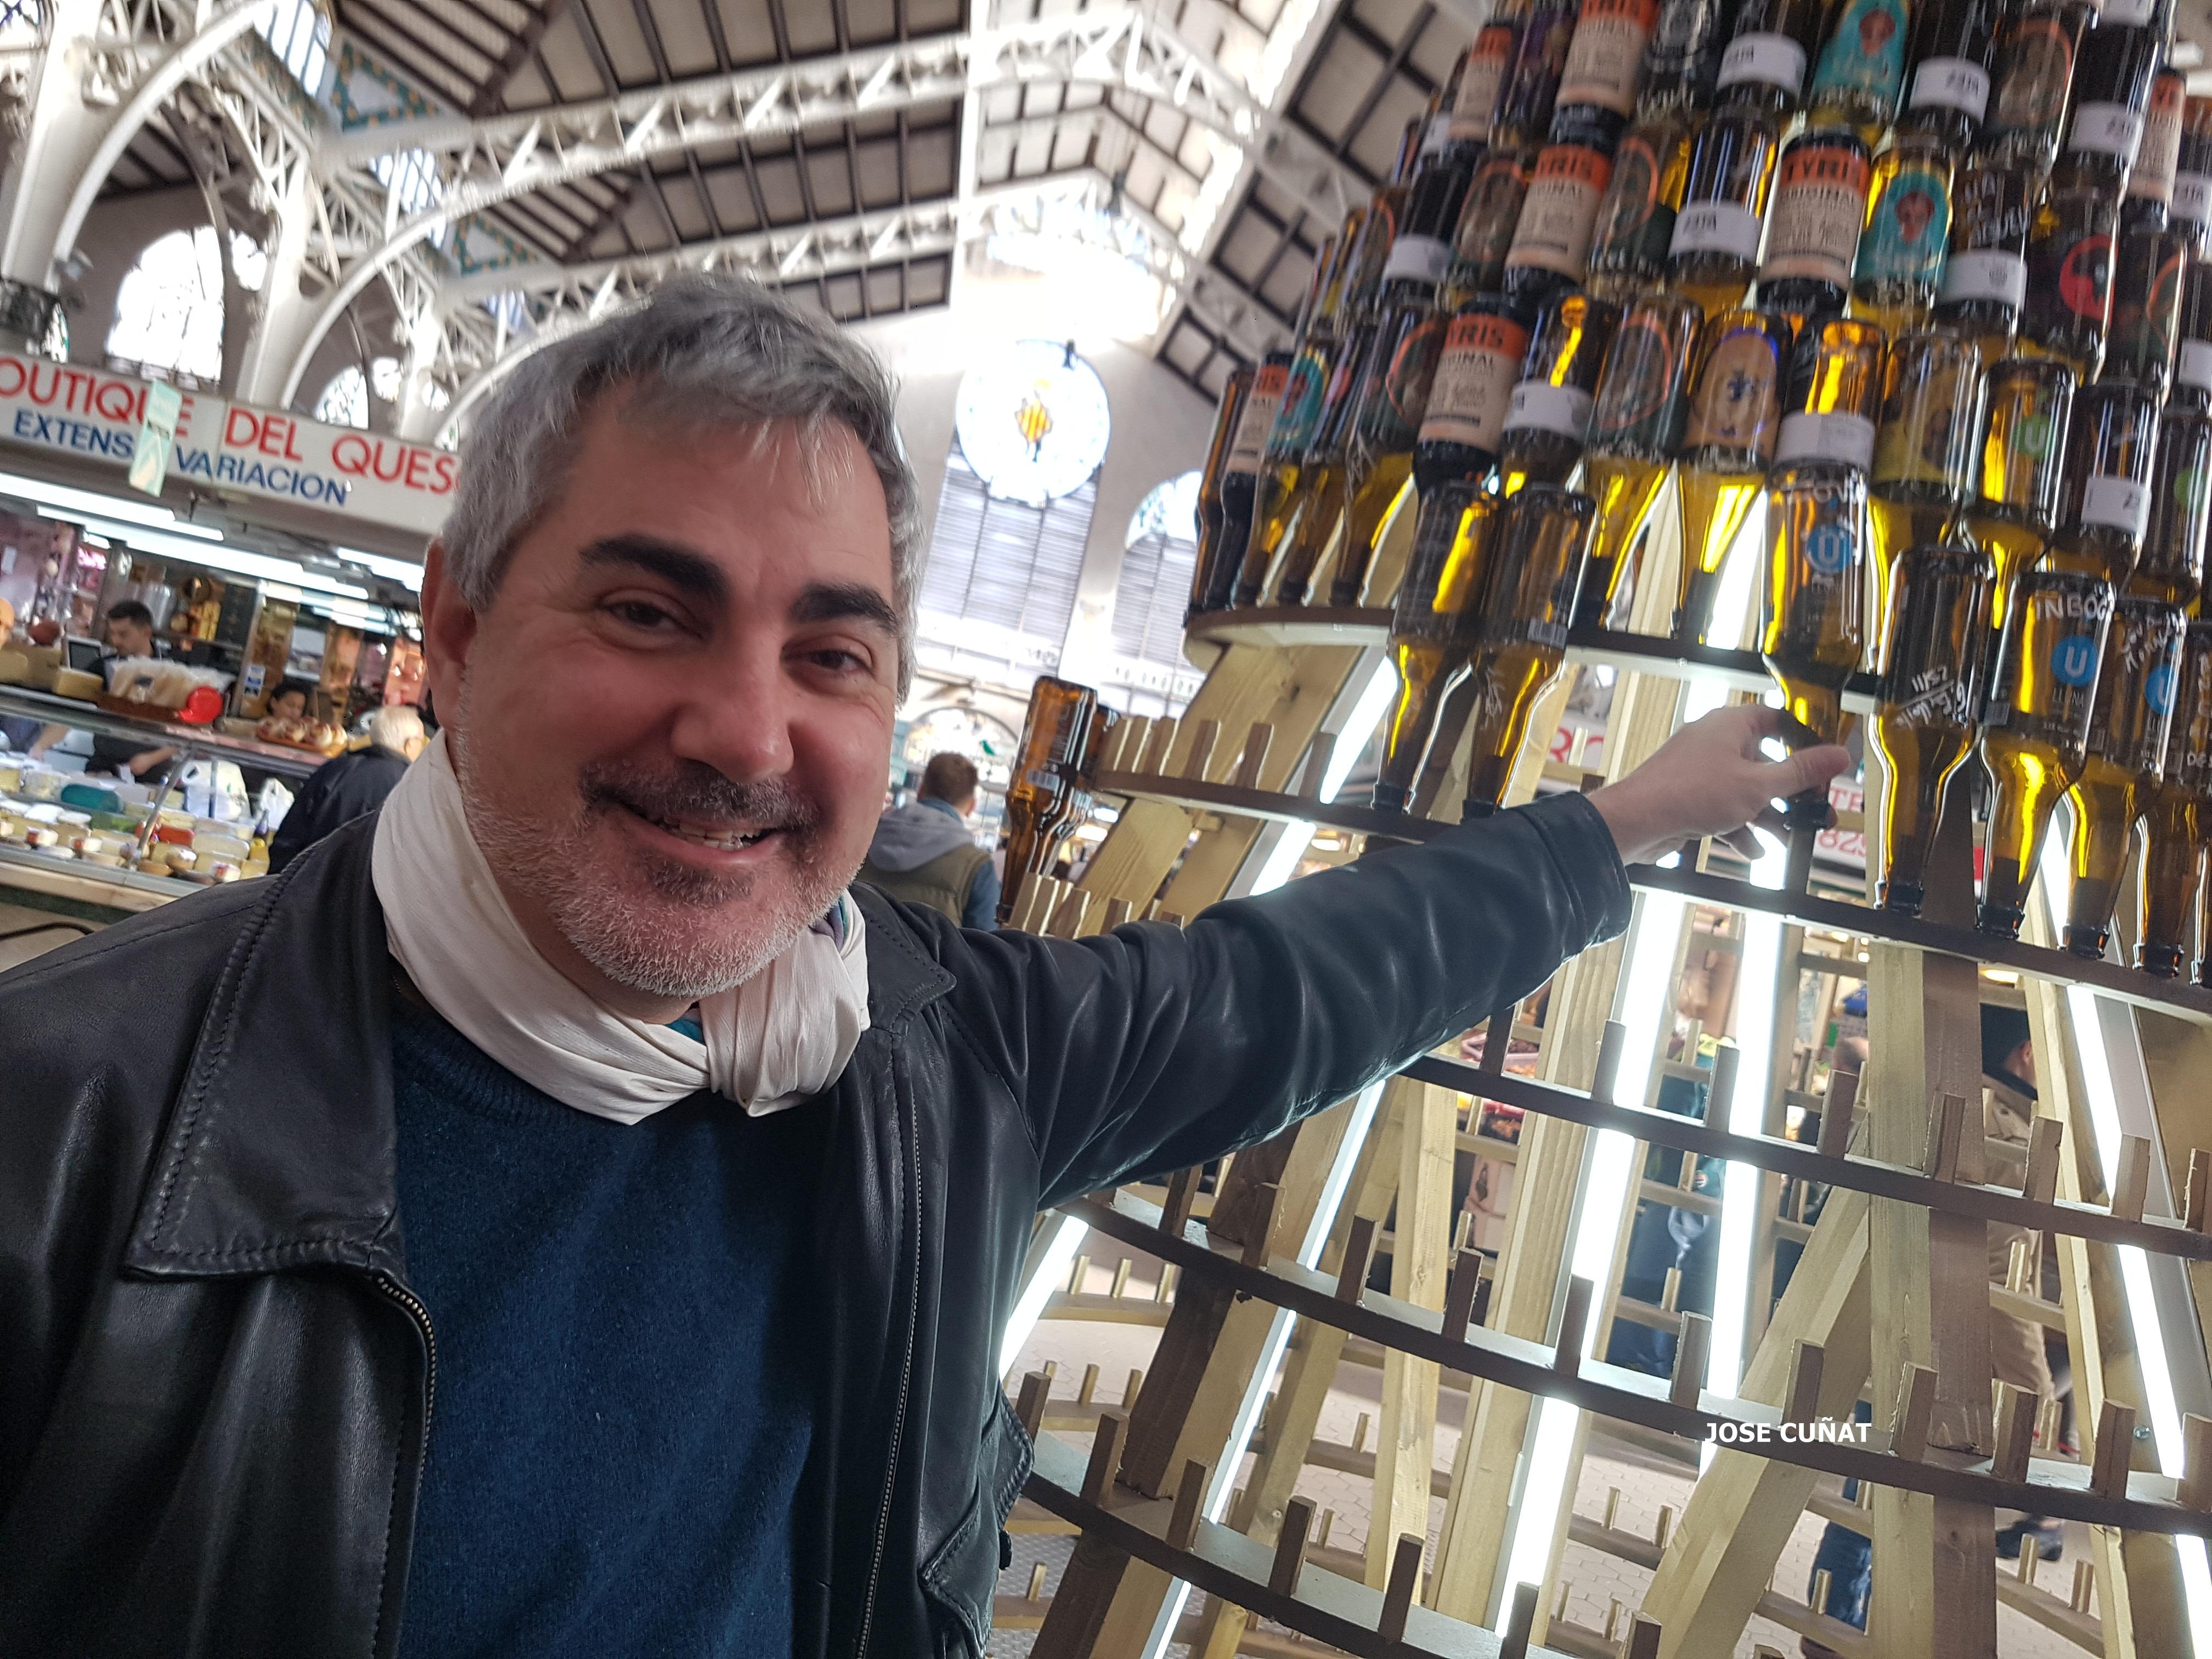 Bierwinkel sigue con la fiesta en el Mercado Central para que los valencianos conozcan sus cervezas artesanas